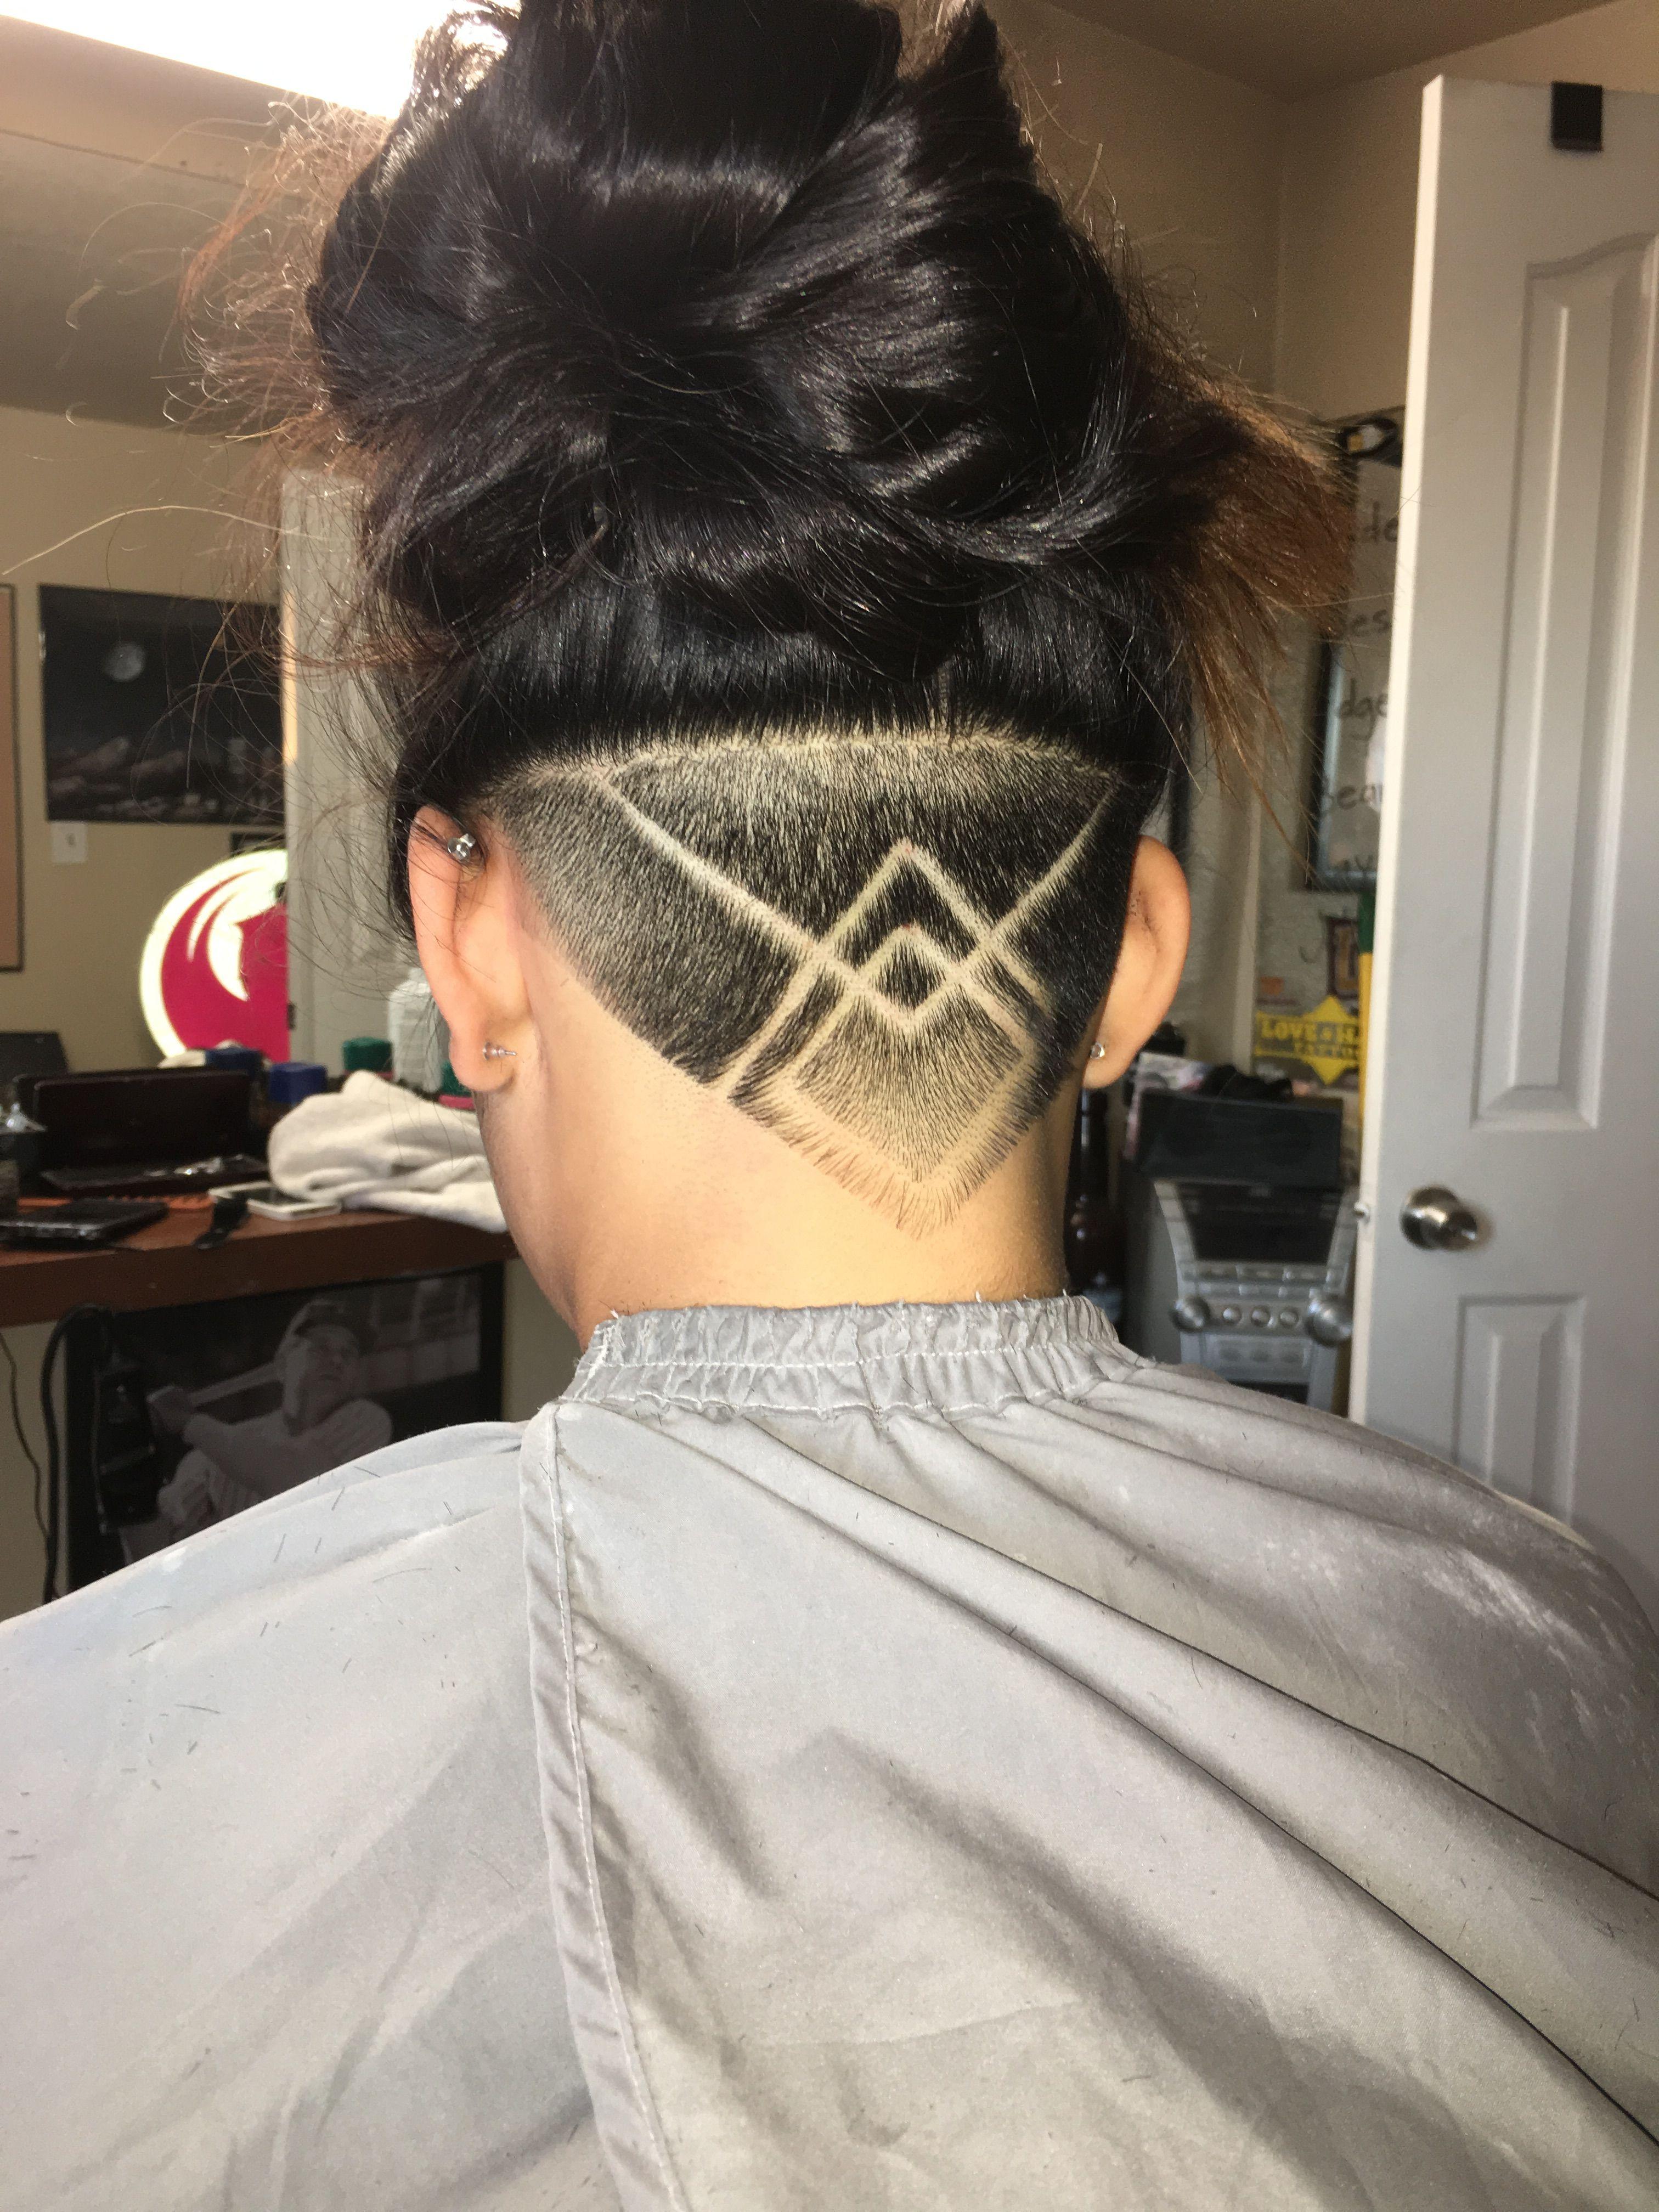 Undercut Design Undercut Hairstyles Undercut Hairstyles Women Undercut Long Hair